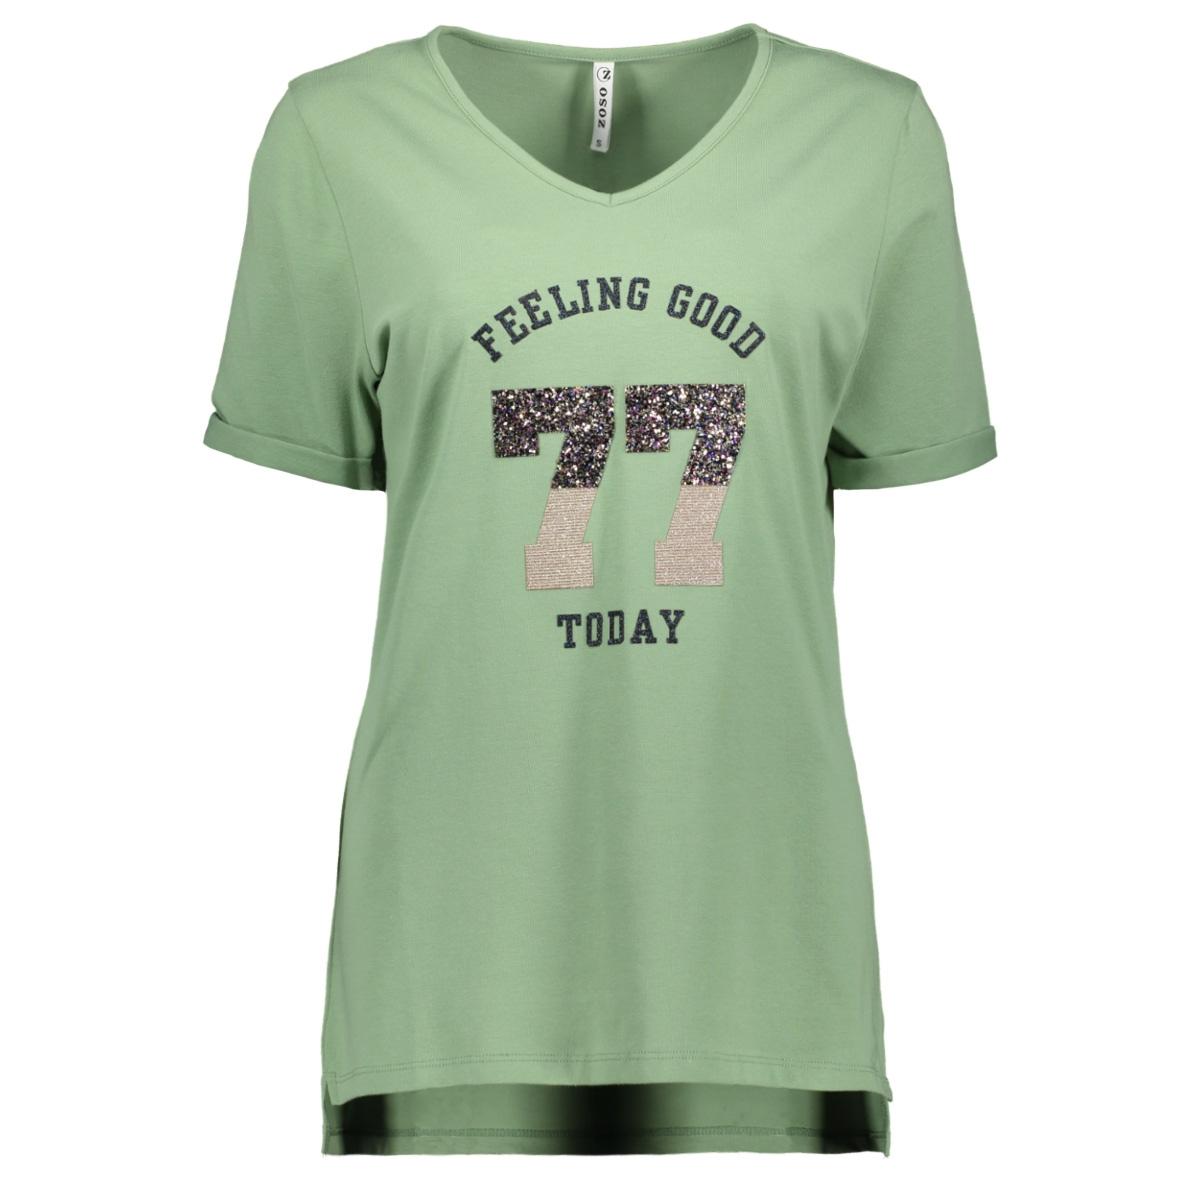 sheila t shirt with applicat 192 zoso t-shirt sage